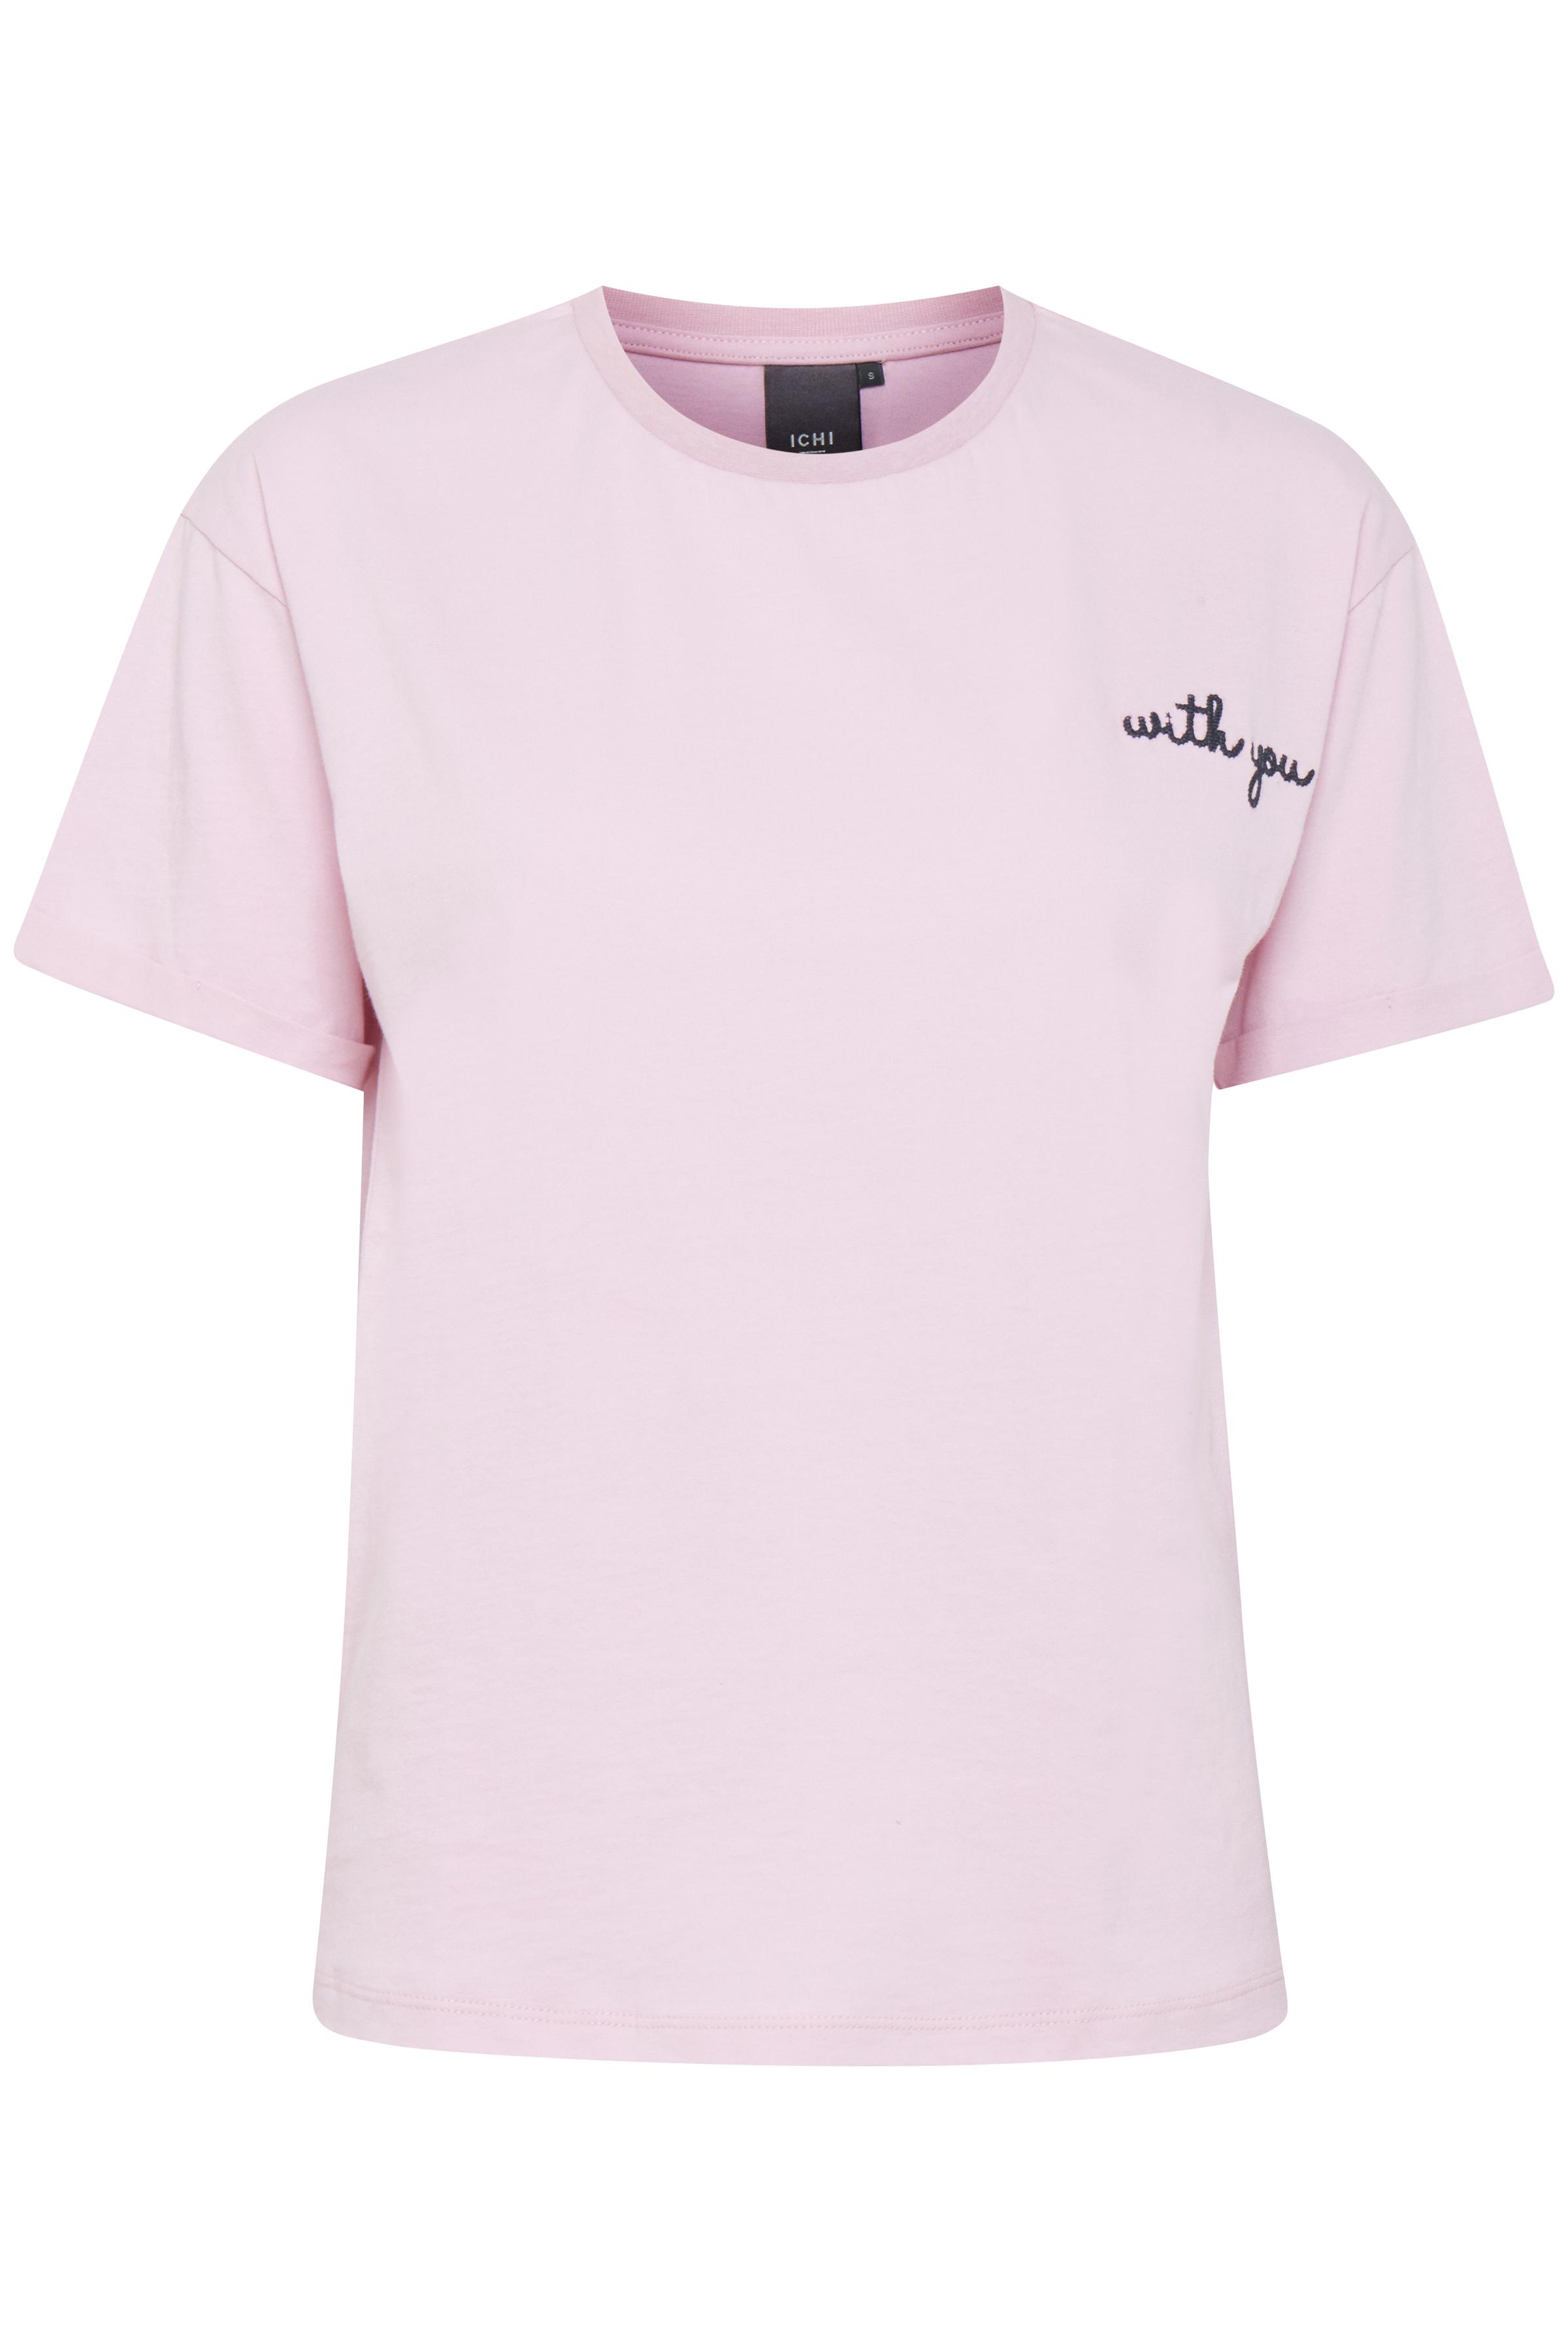 Lilac Sachet T-shirt – Køb Lilac Sachet T-shirt fra str. XS-L her